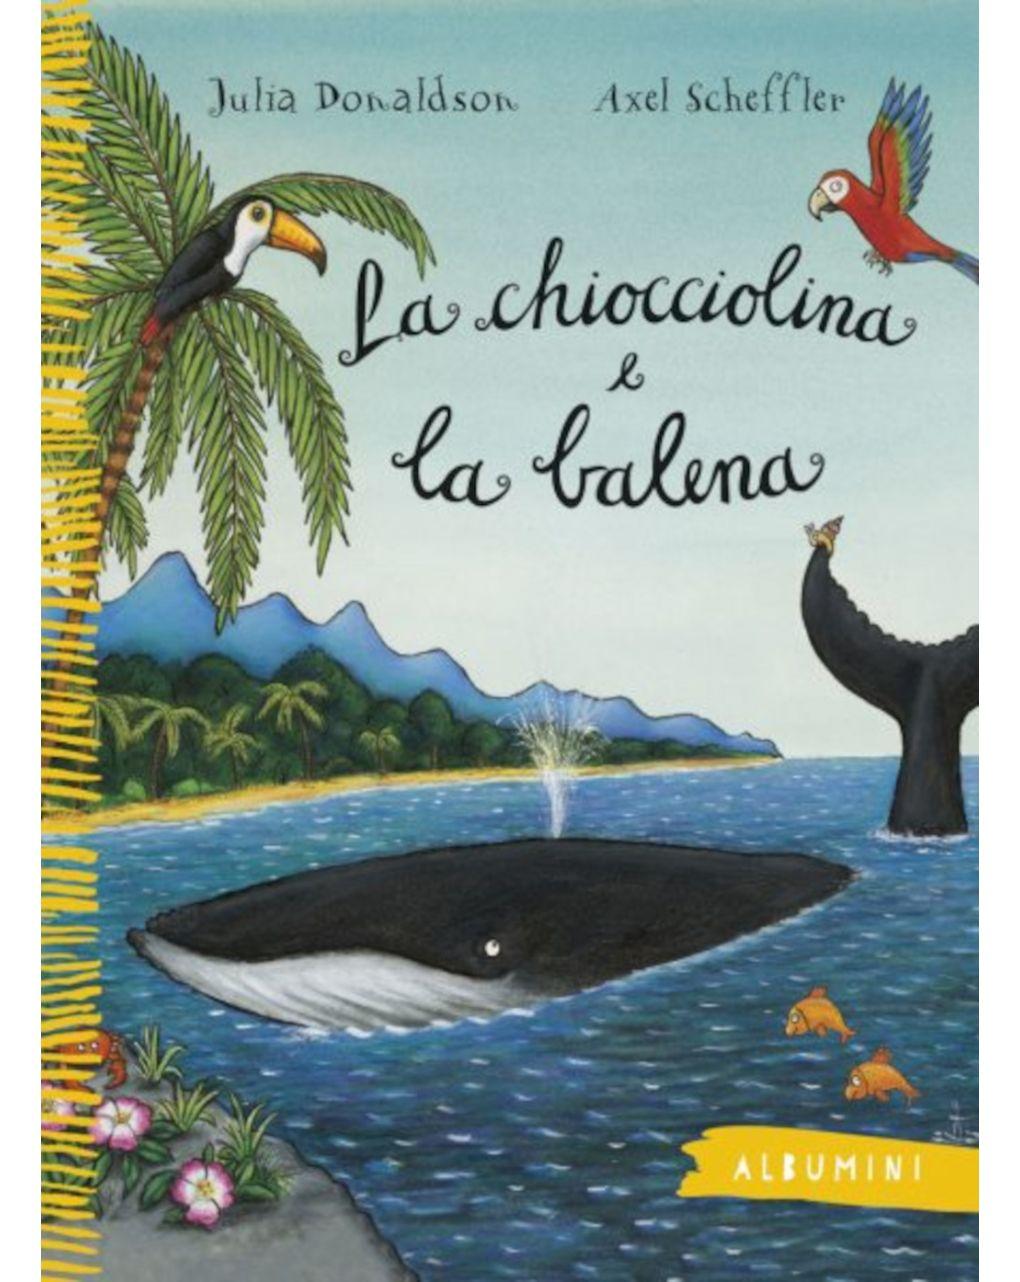 Albumini - la chiocciolina e la balena - Edizioni EL